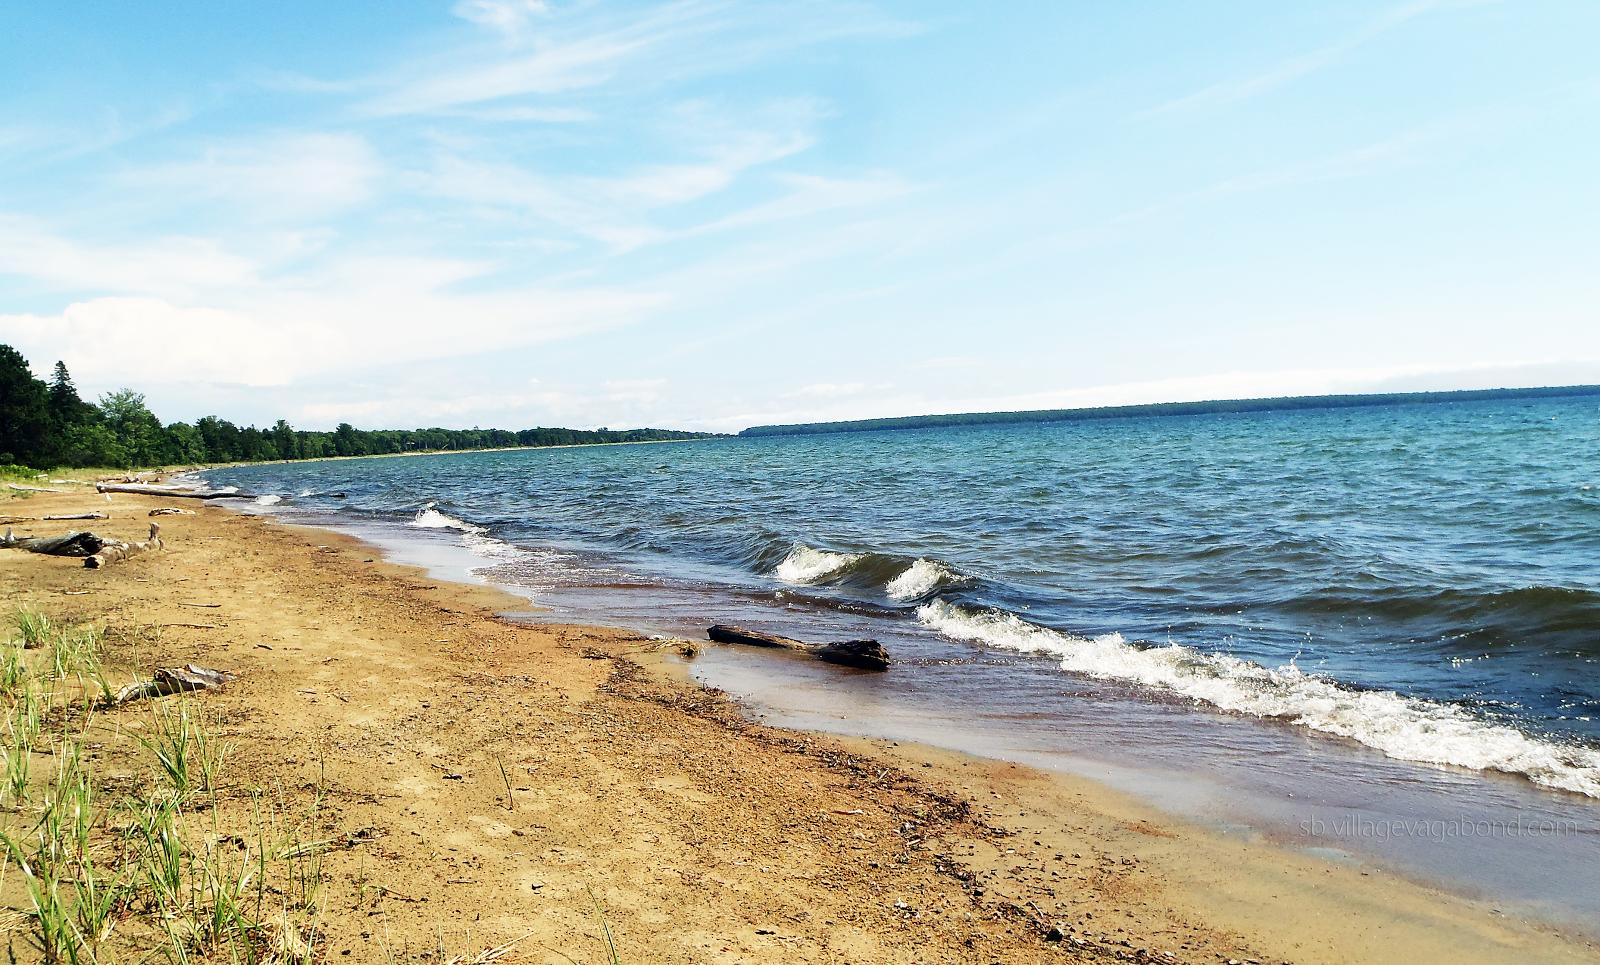 Lake Superior lapping the shore at Batchawana Bay Provincial Park.